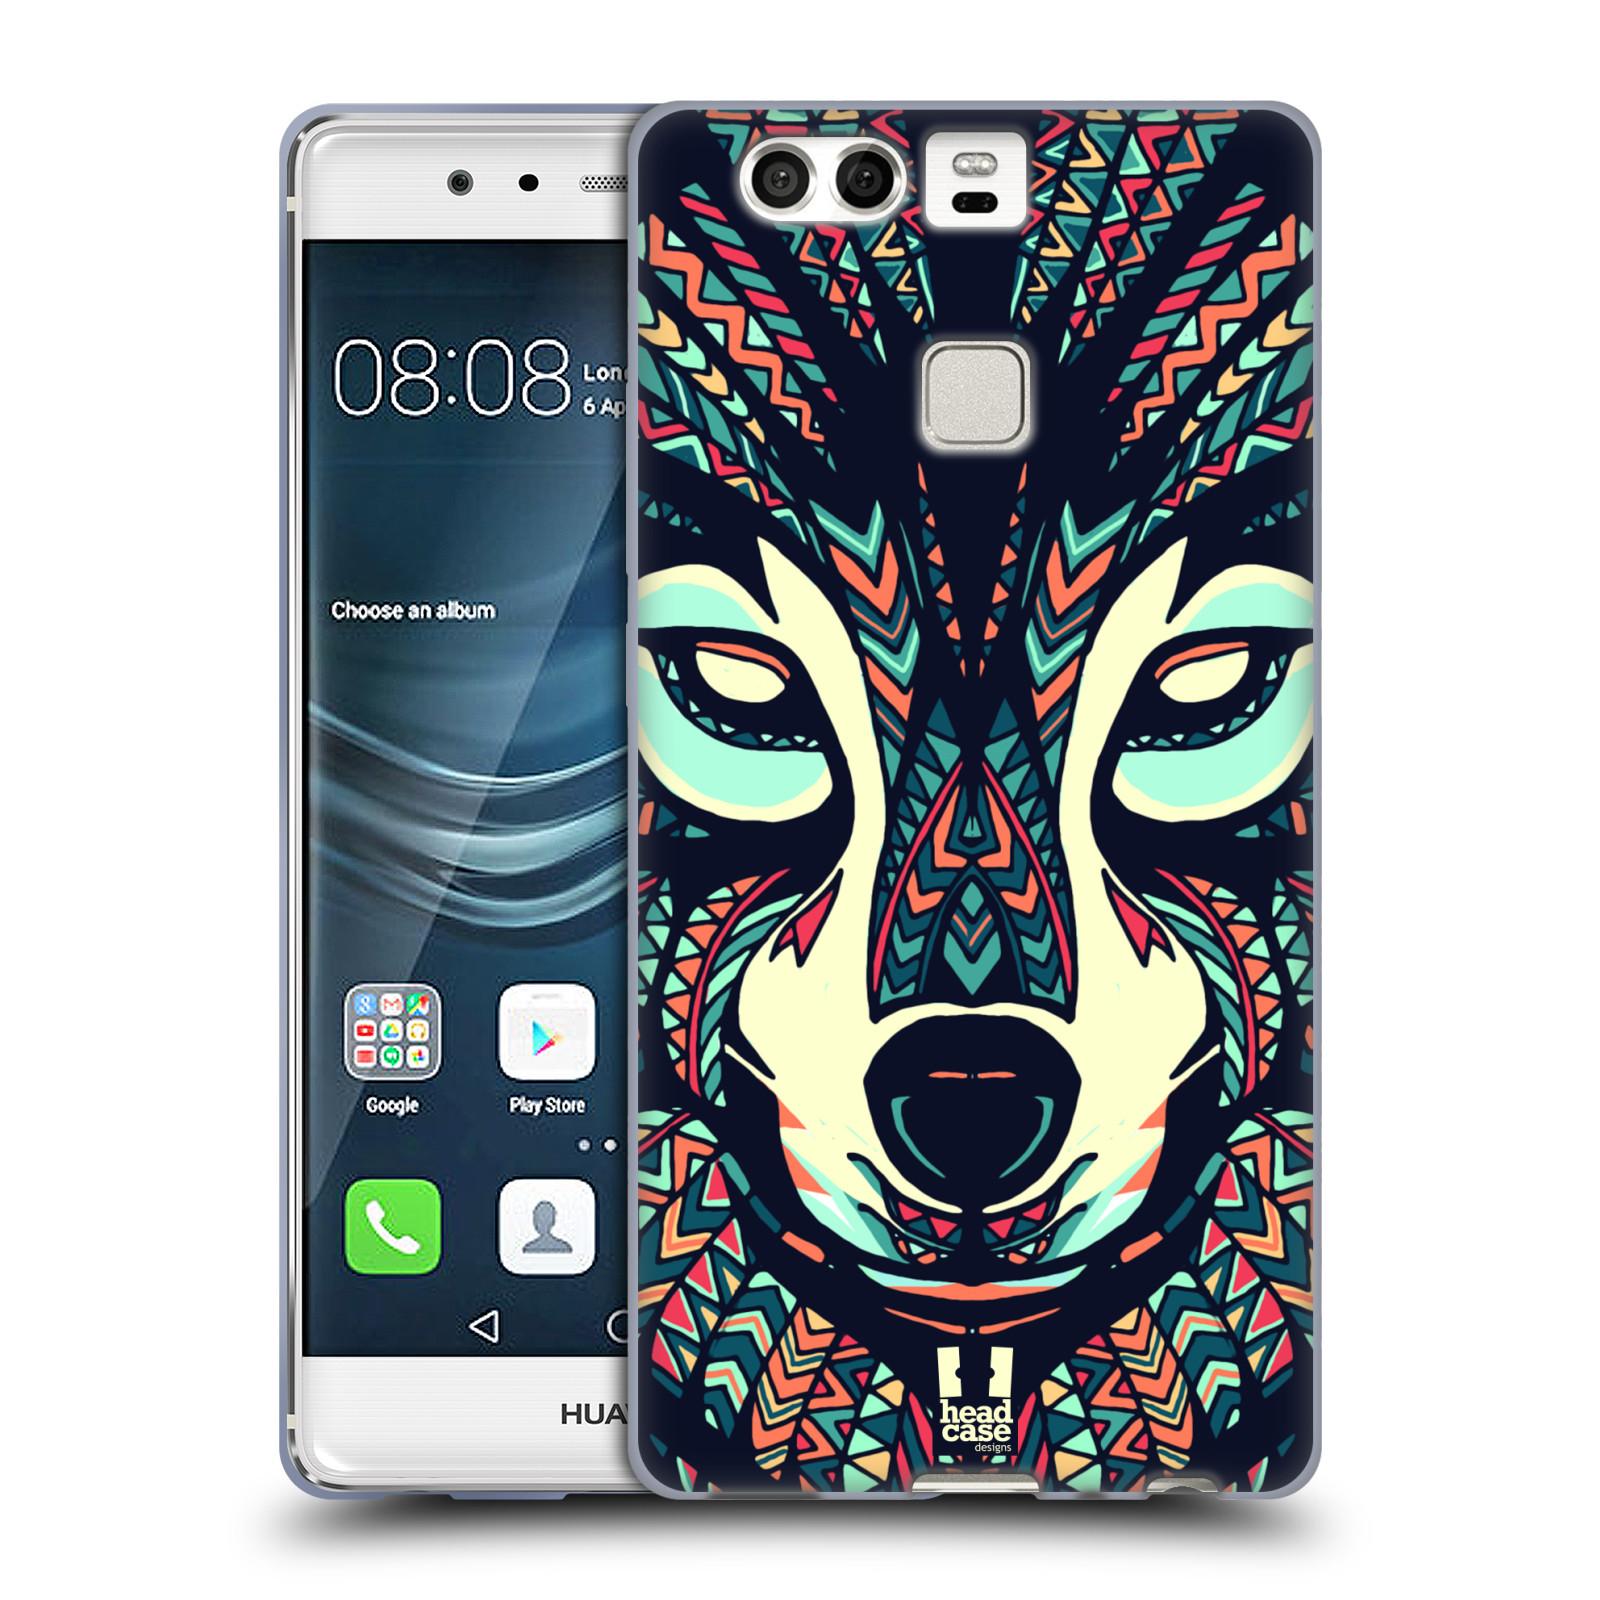 HEAD CASE silikonový obal na mobil Huawei P9 / P9 DUAL SIM vzor Aztécký motiv zvíře 3 vlk